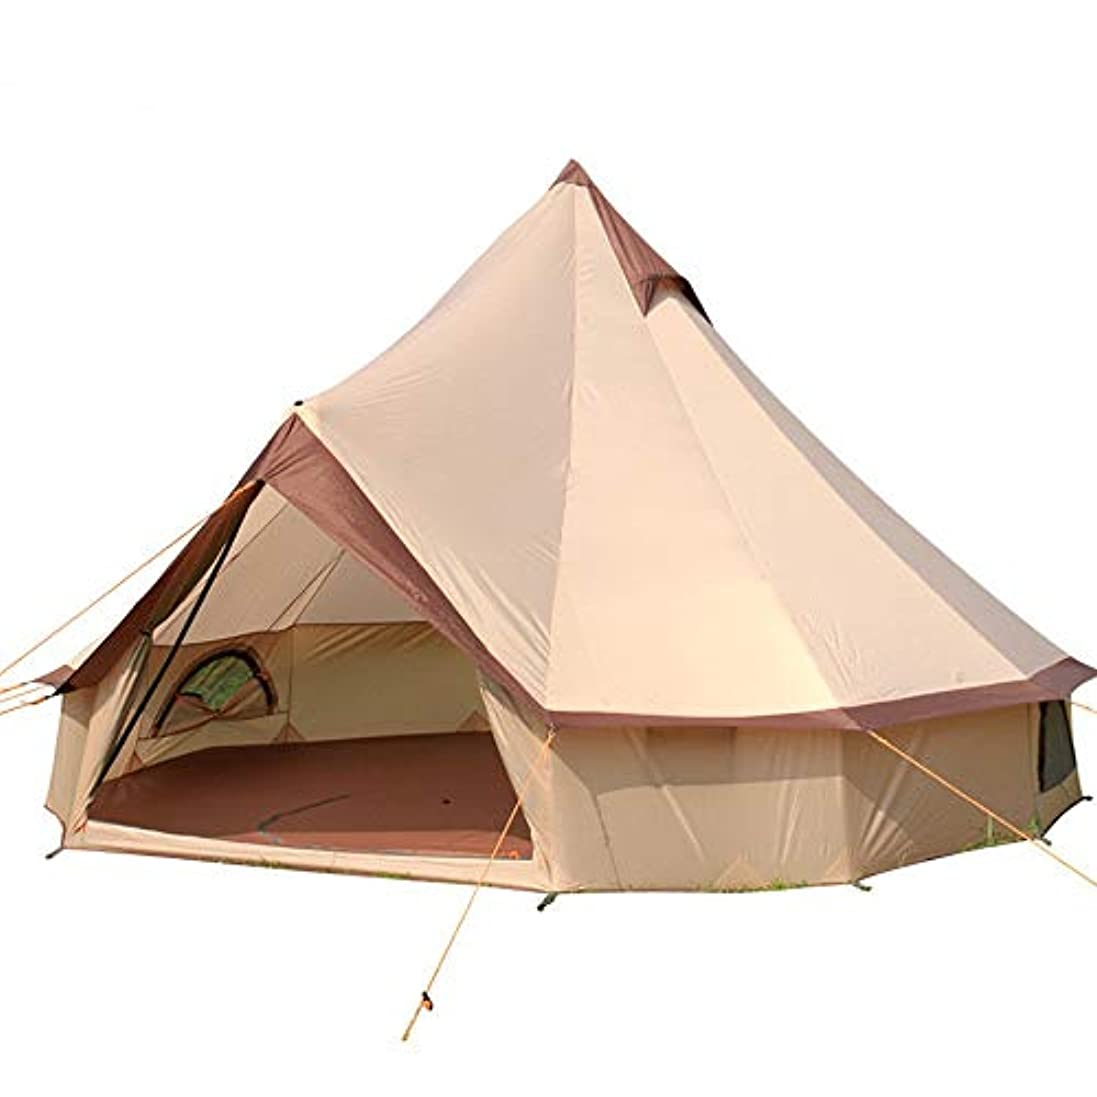 切断するジョブ手綱KYAWJY テント屋外8-12人多人数テント自動運転キャンプ観光フィールドテント